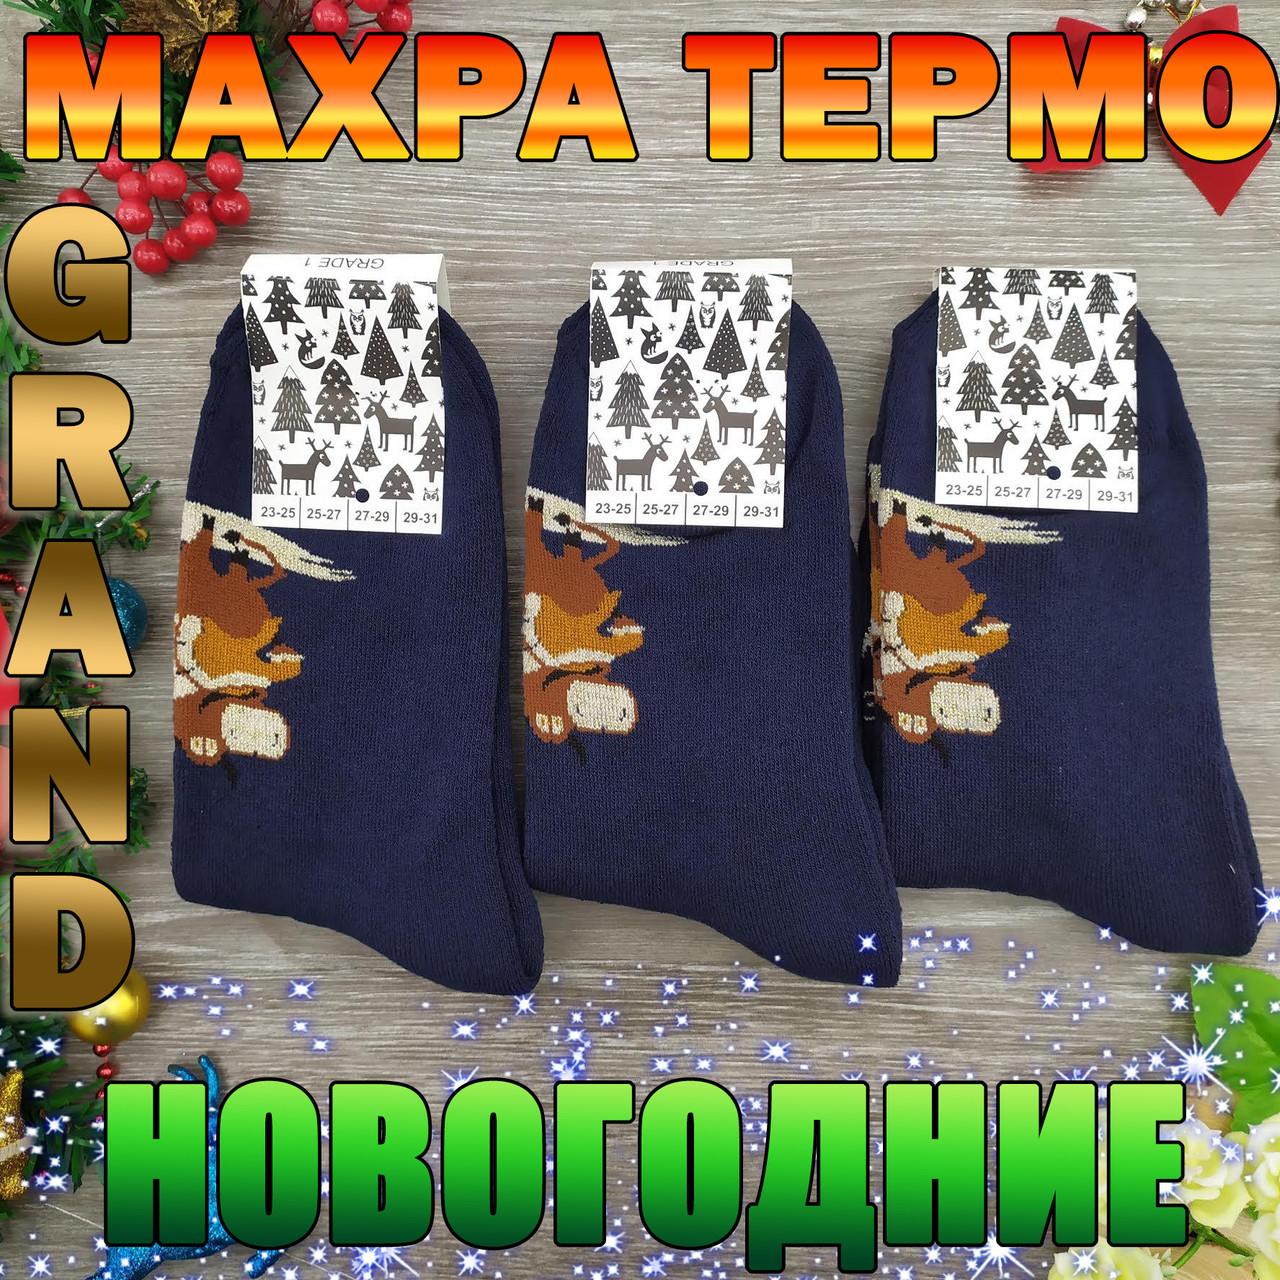 Носки мужские махровые средние новогодние GRAND 27-29р синие